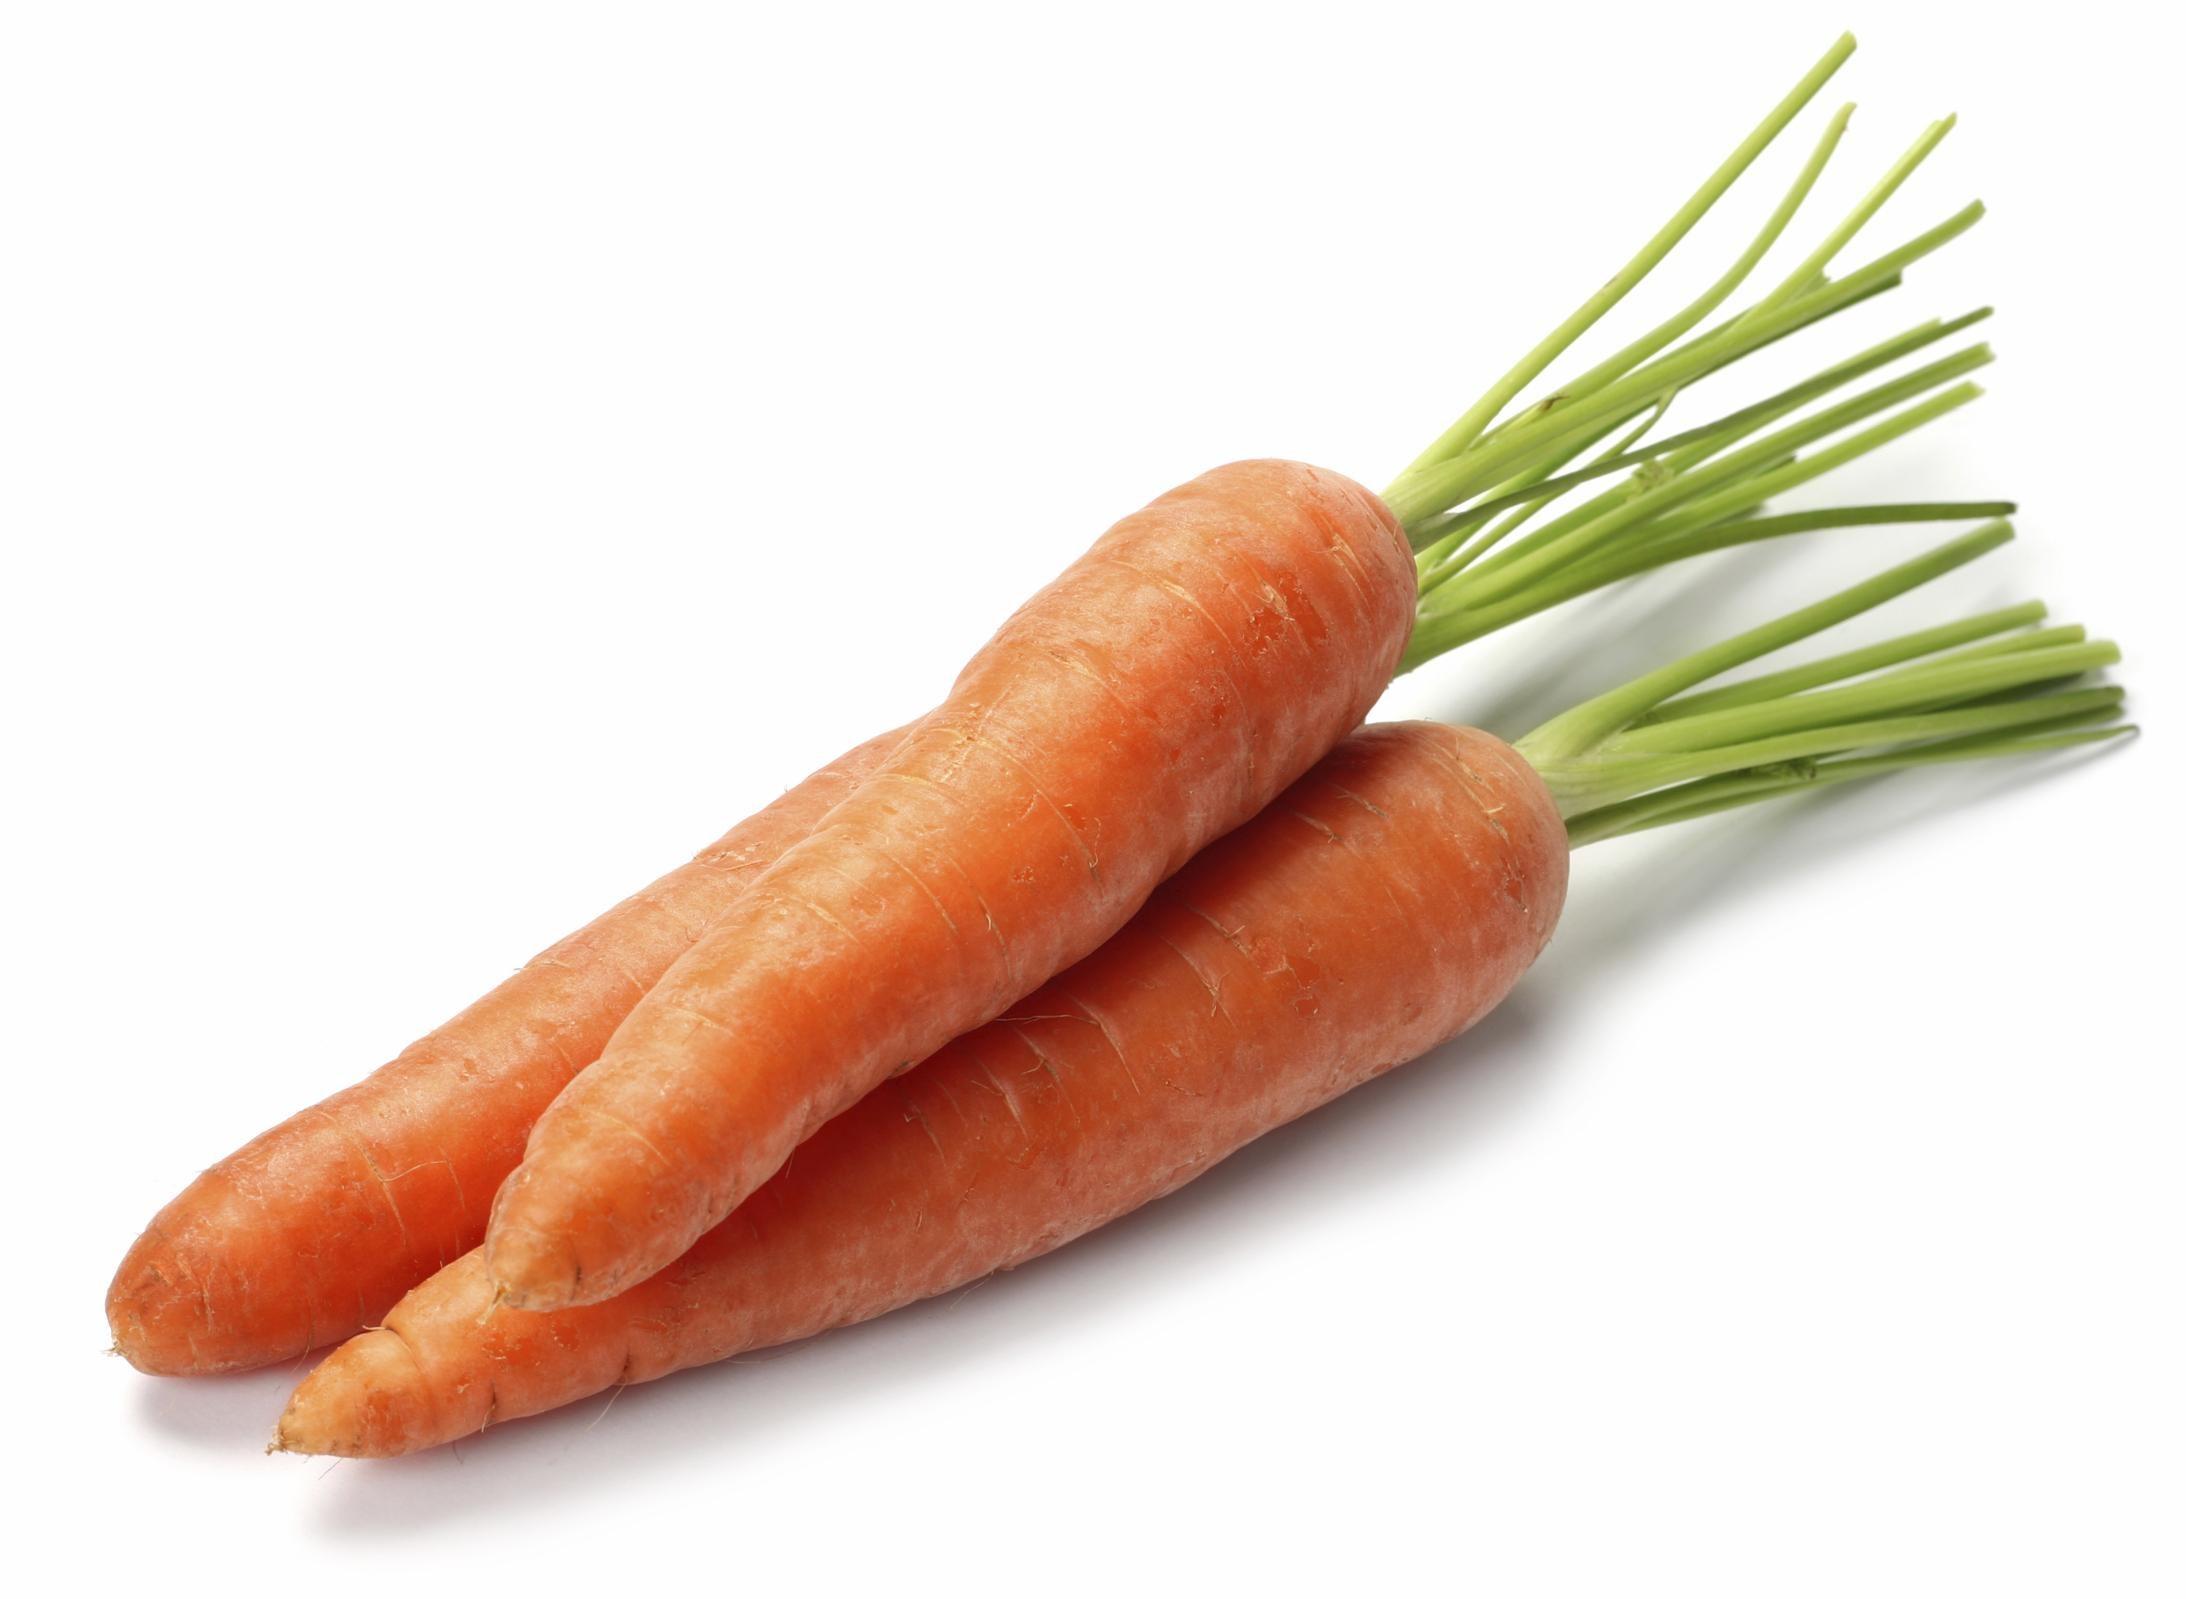 Cà rốt giảm cân nhanh va hiệu quả